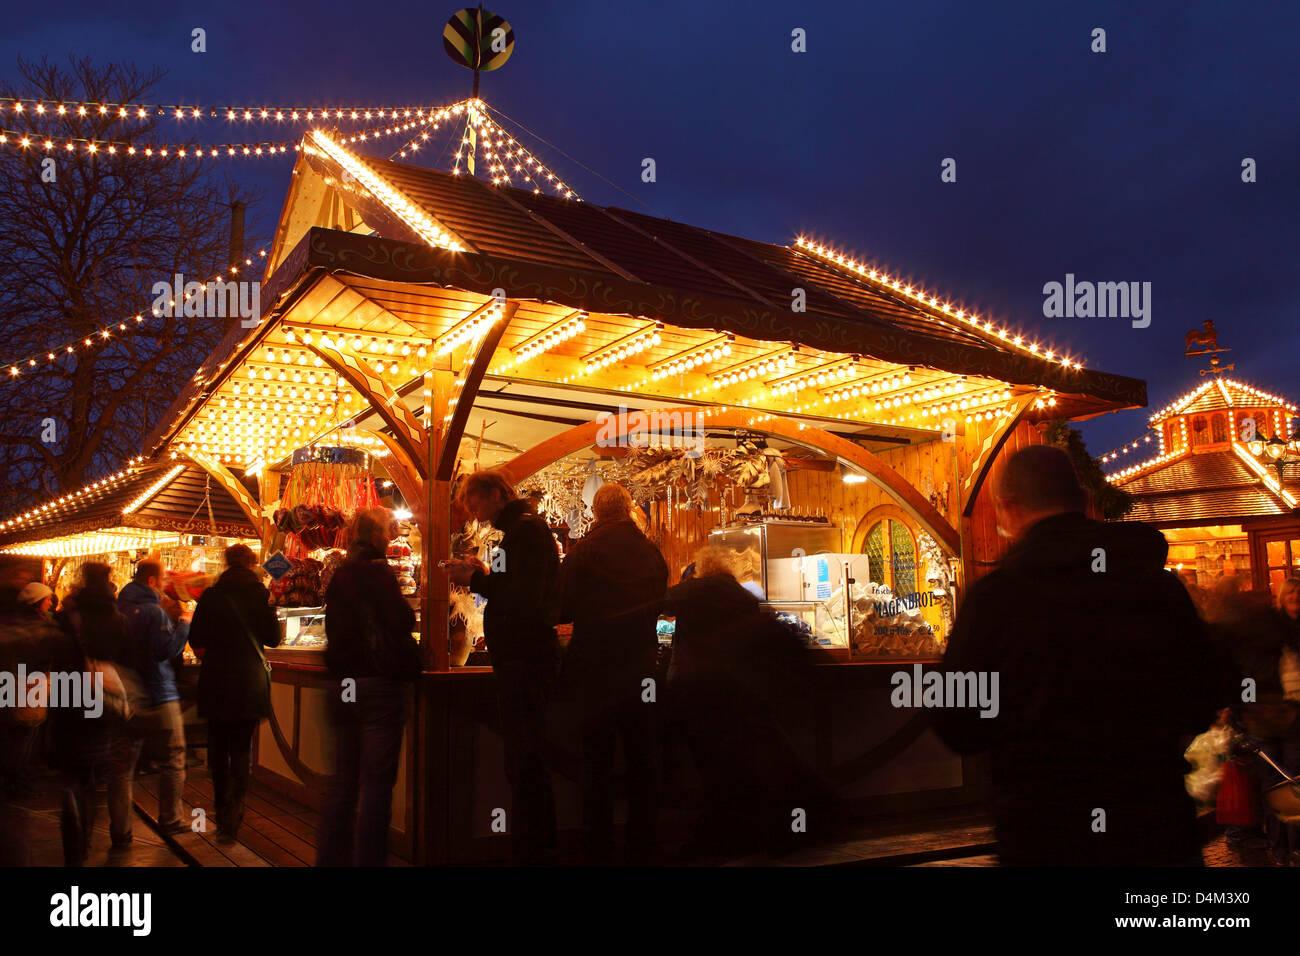 Leute zu treffen um eine beleuchtete Stand auf dem Weihnachtsmarkt (Weihnachtsmarkt) in Stuttgart, Deutschland. Stockbild